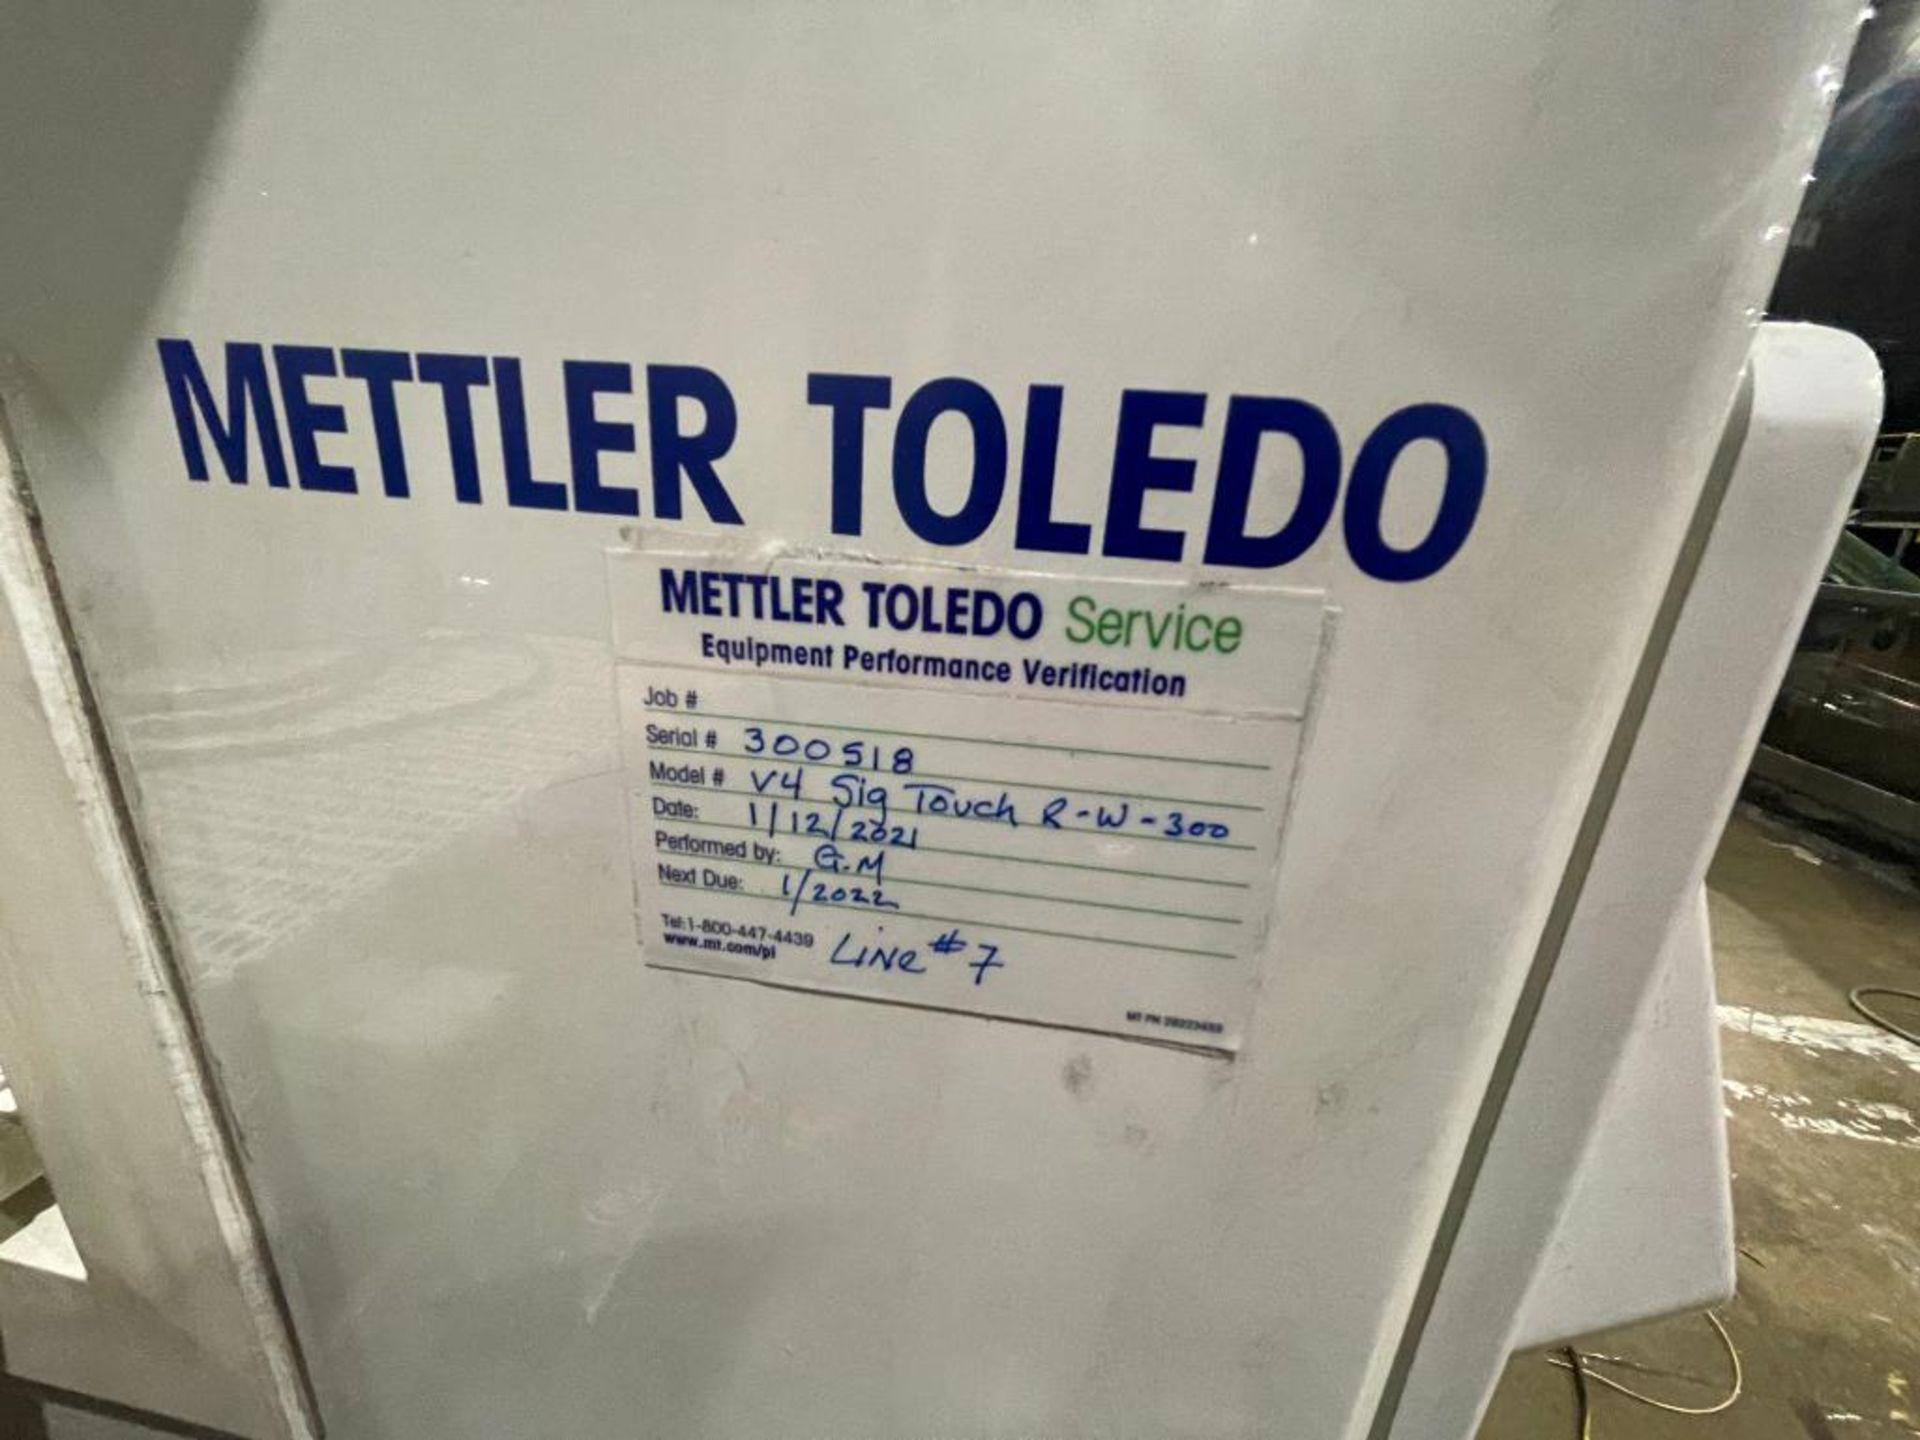 2016 Mettler Toledo metal detector, model SL1500 - Image 4 of 16